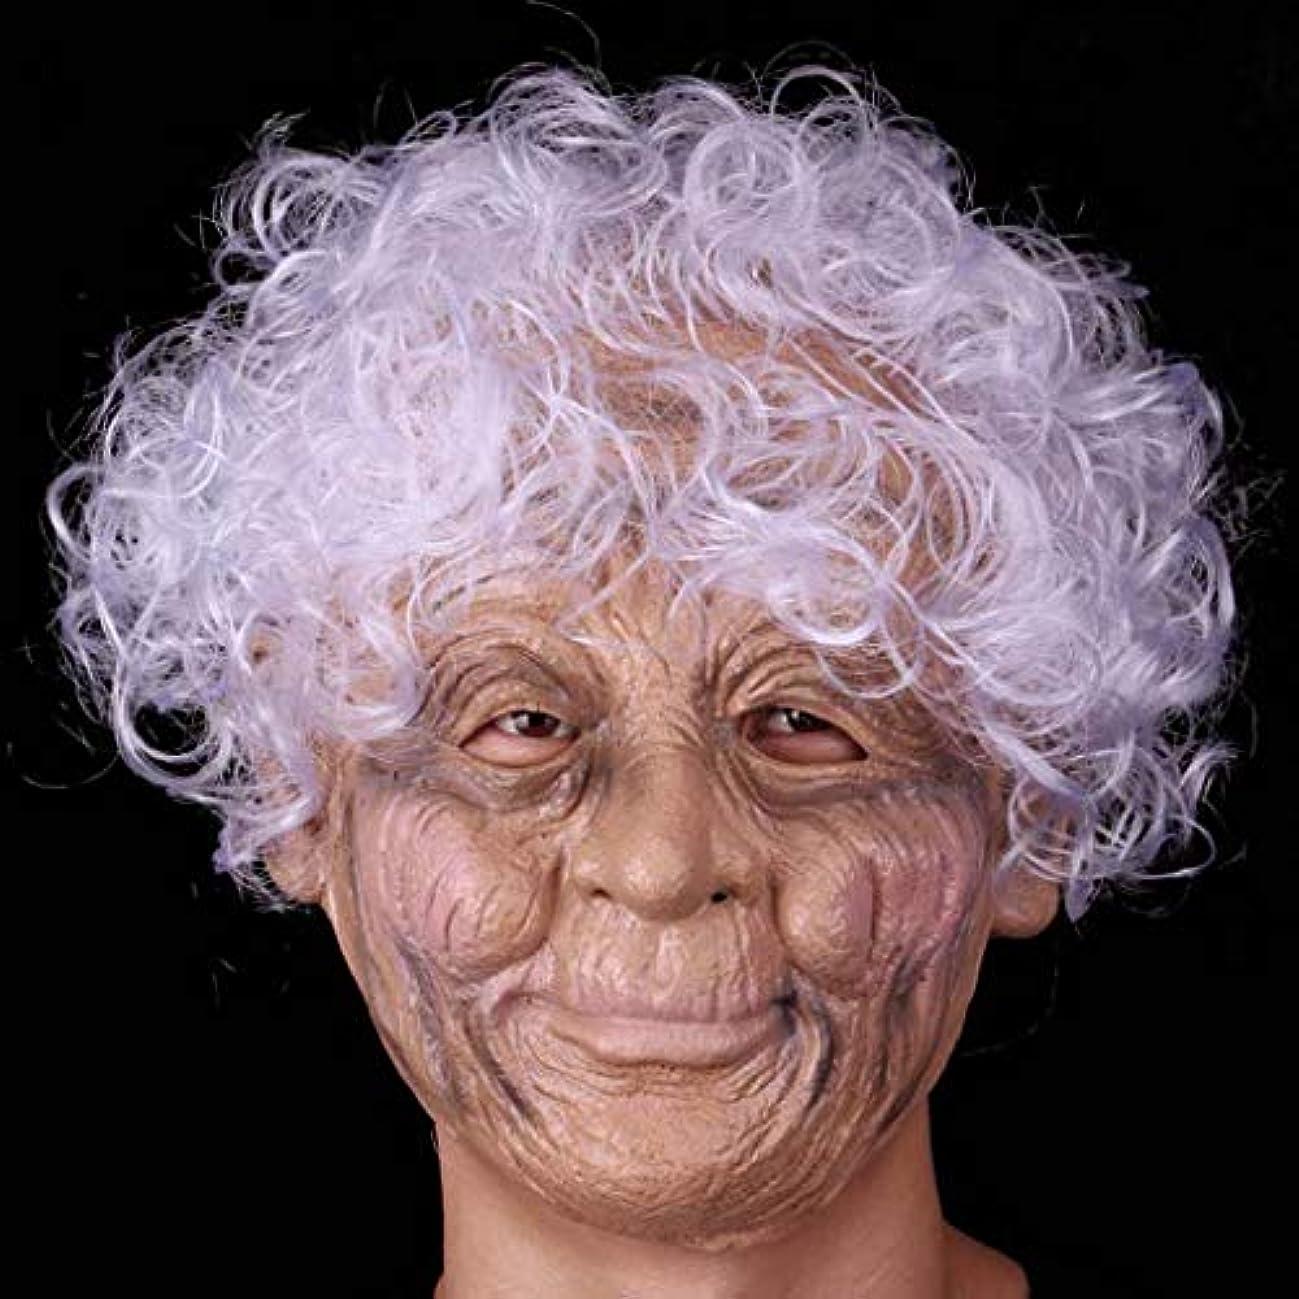 周波数焦がすパンハロウィンラテックスフルフェイスマスクしわ魔女マスクおばあちゃんと白髪衣装プロップパーティーコスプレ